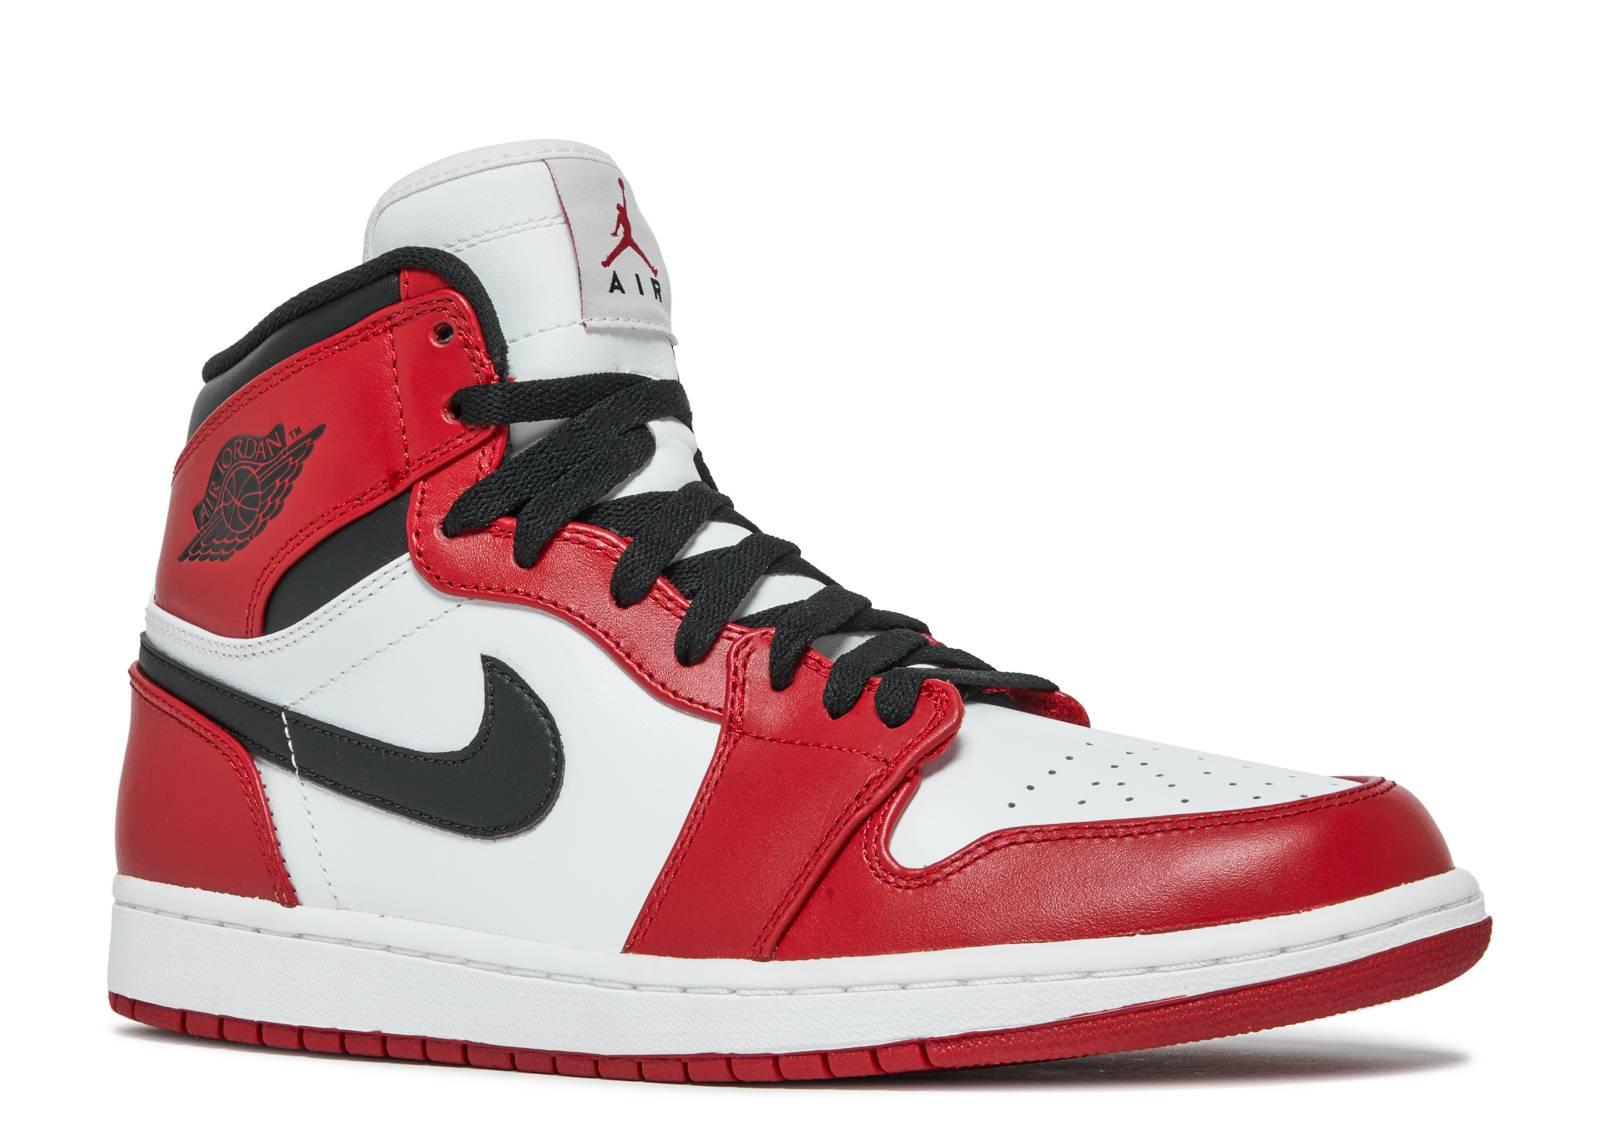 98e64fb1dfe Air Jordan 1 Retro